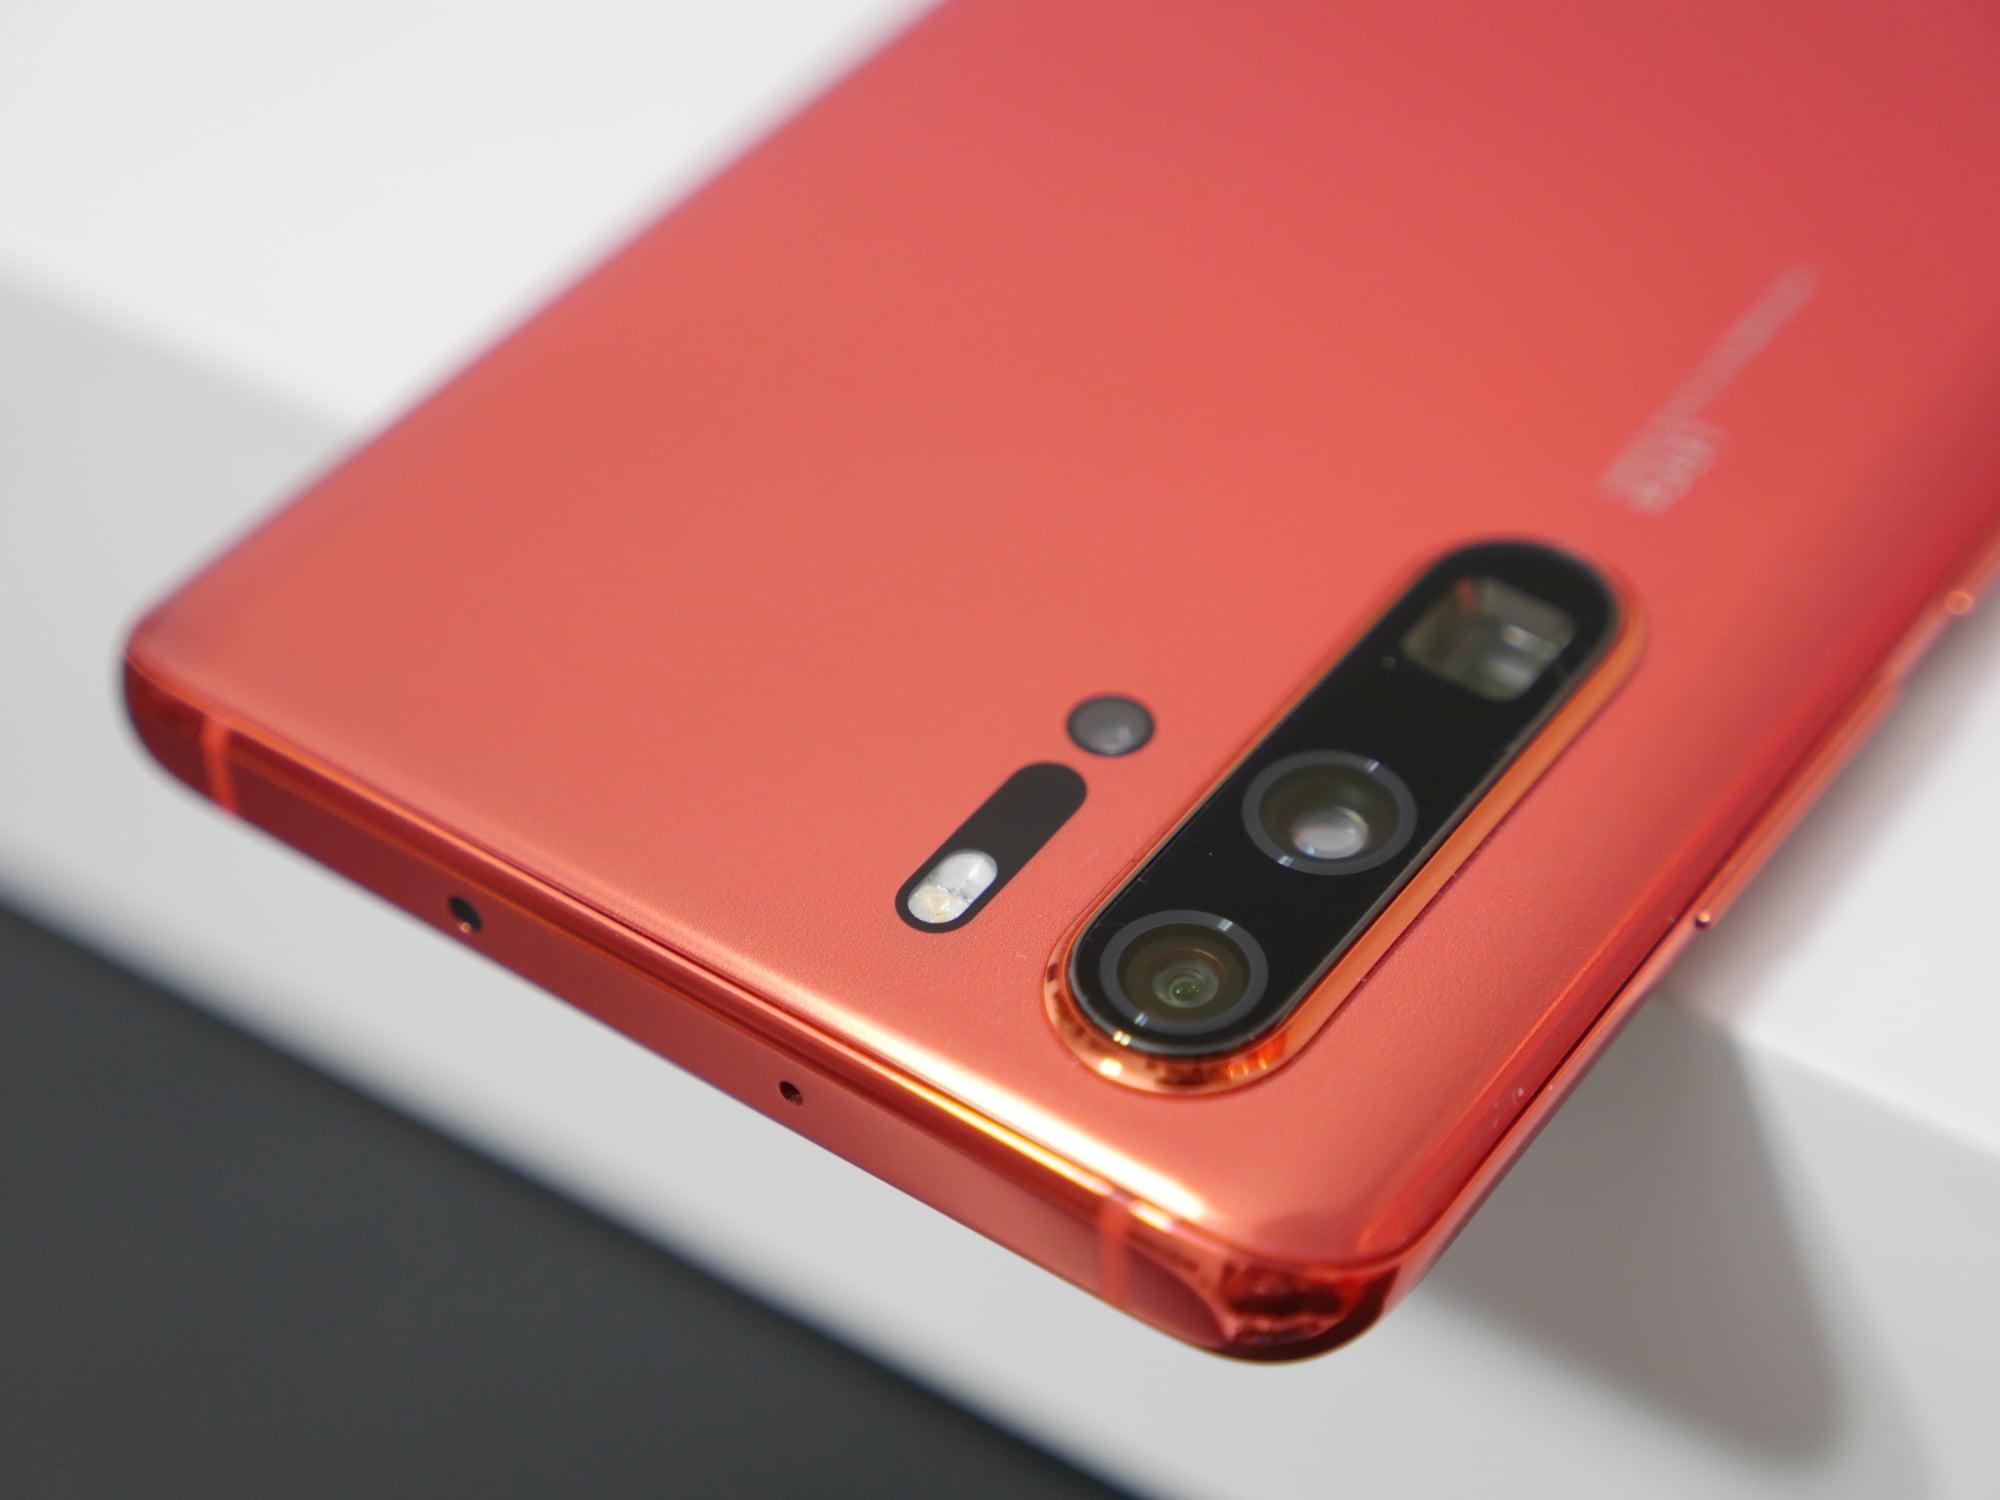 Rozszerzone funkcje aparatu trafiają do Huawei P30 Pro razem z aktualizacją